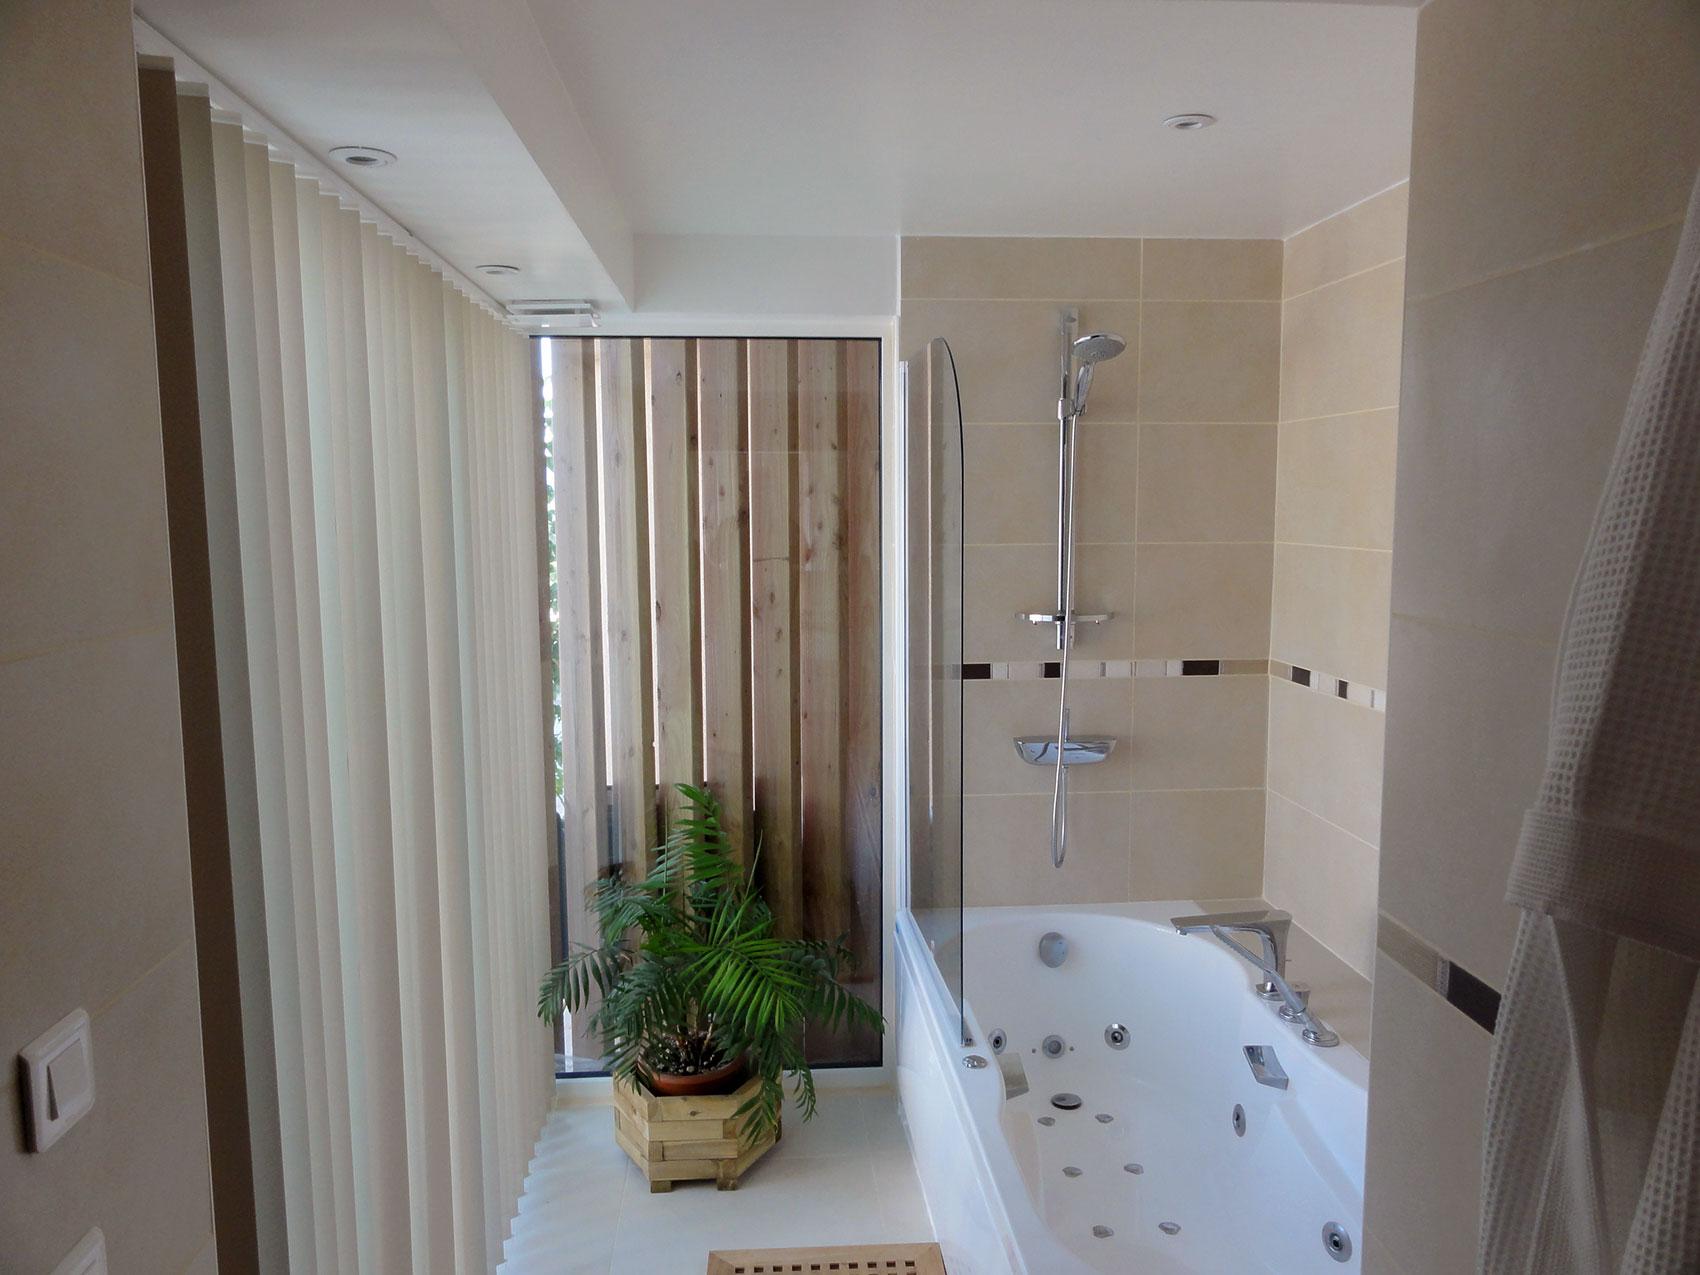 Nouvelle salle de bain dans l'ancienne loggia